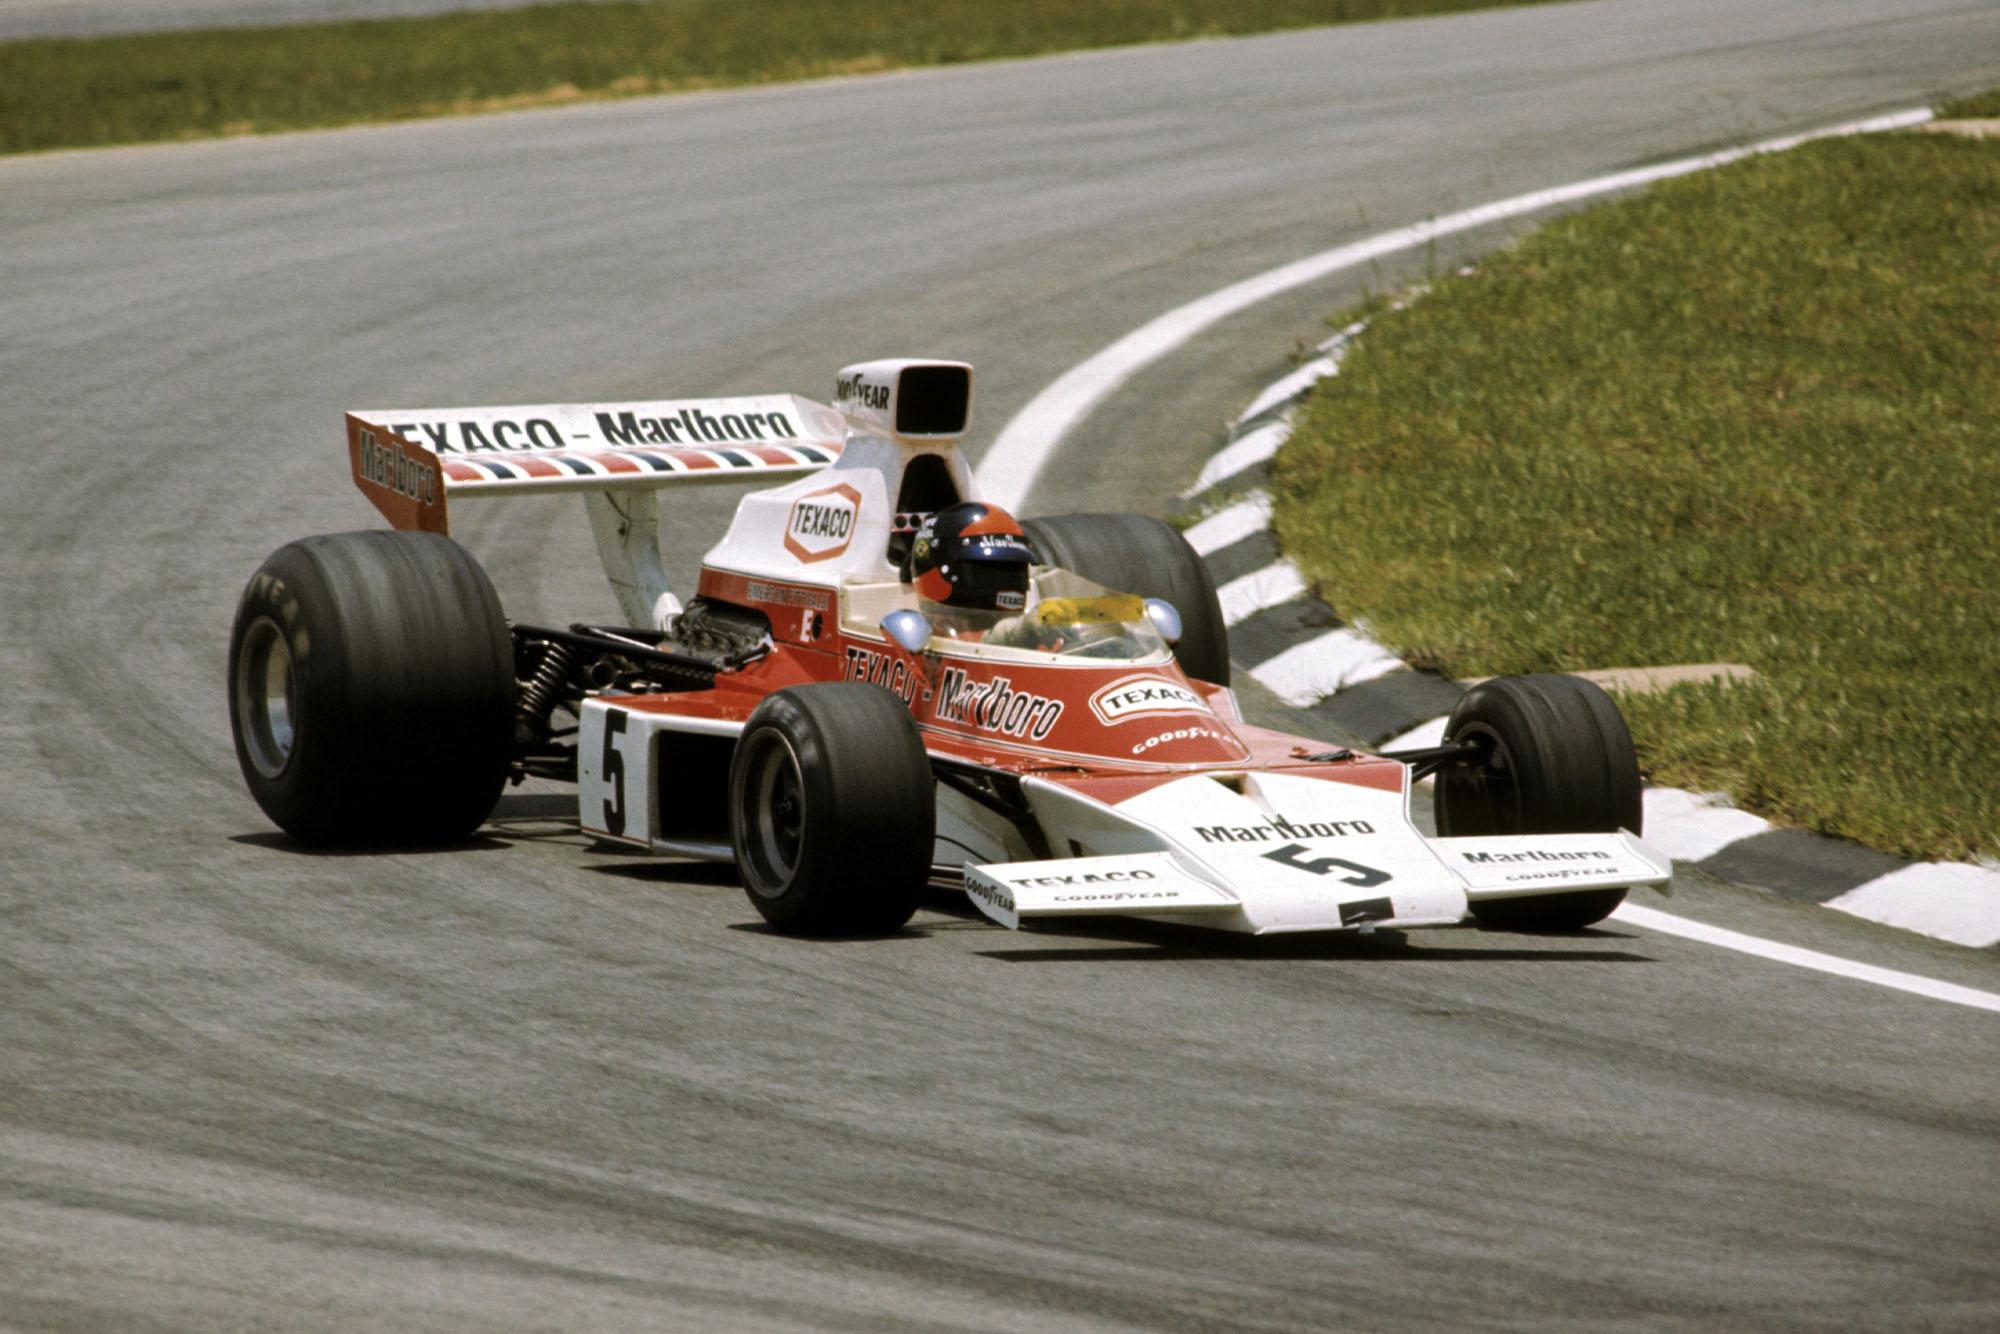 Emerson Fittipaldi driving for McLAre at the 1974 Brazilian Grand Prix, Interlagos.